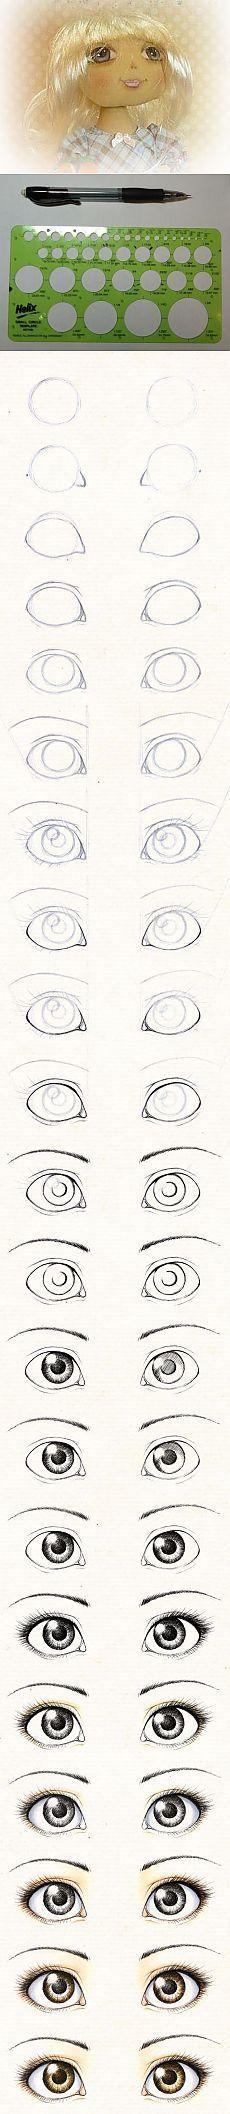 Dessiner les yeux de poupée textile. Étape par étape ...